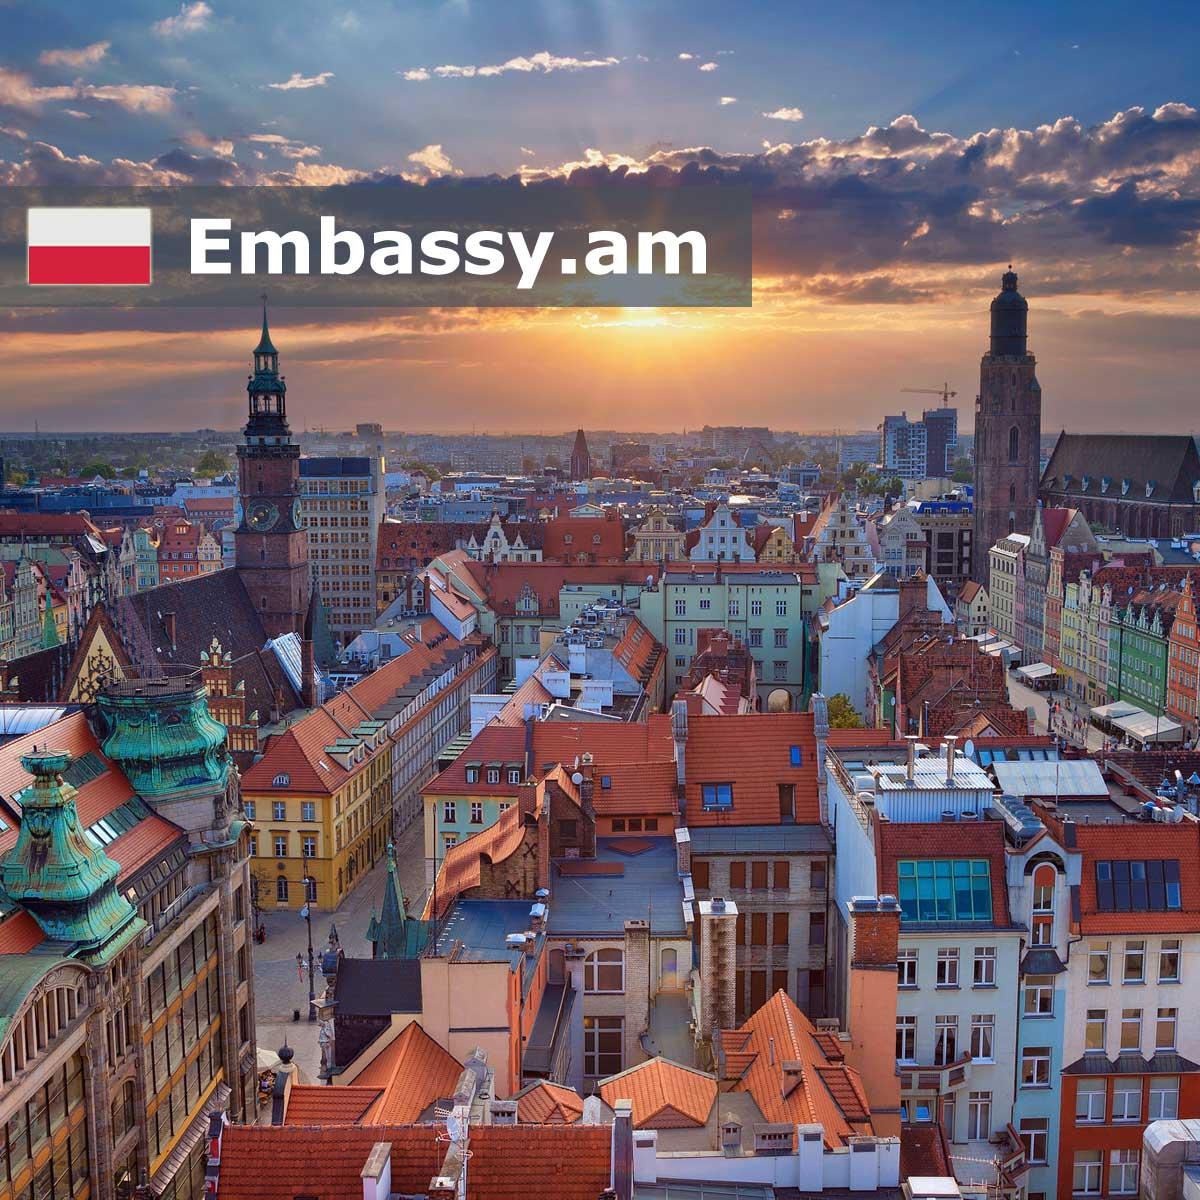 Wrocław - Hotels in Poland - Embassy.am